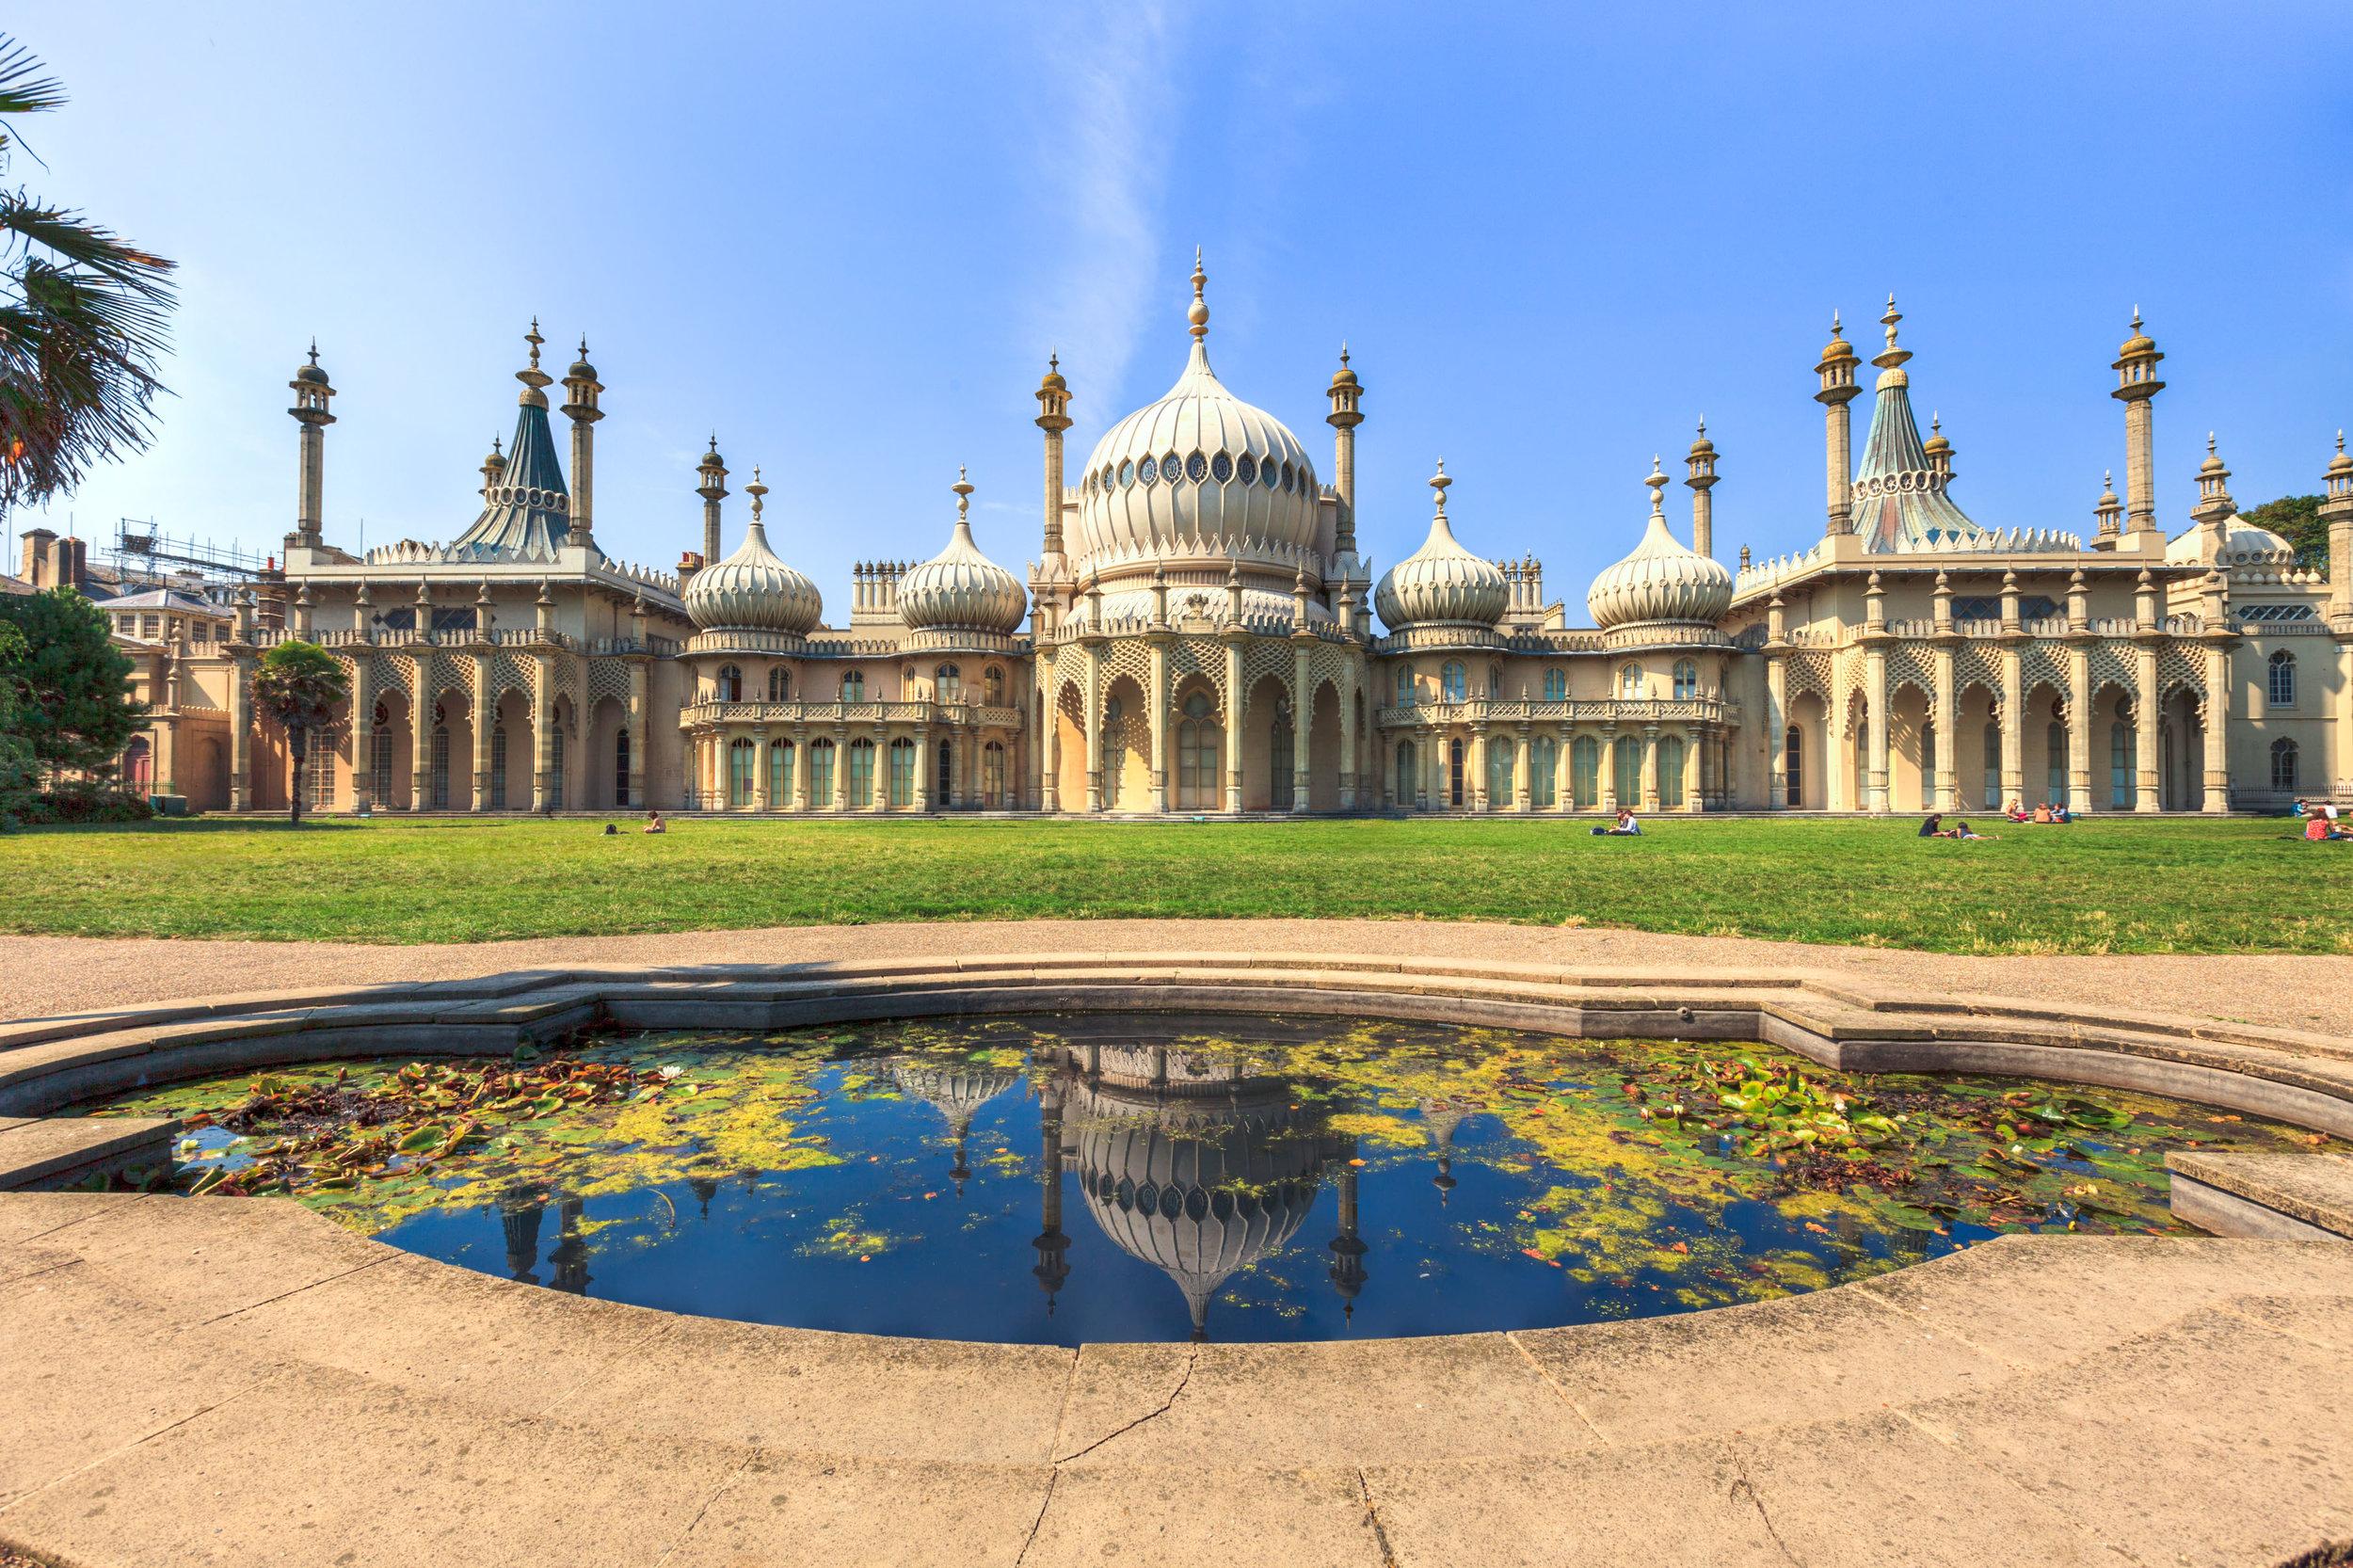 The_Royal_Pavilion_Brighton_UK.jpg